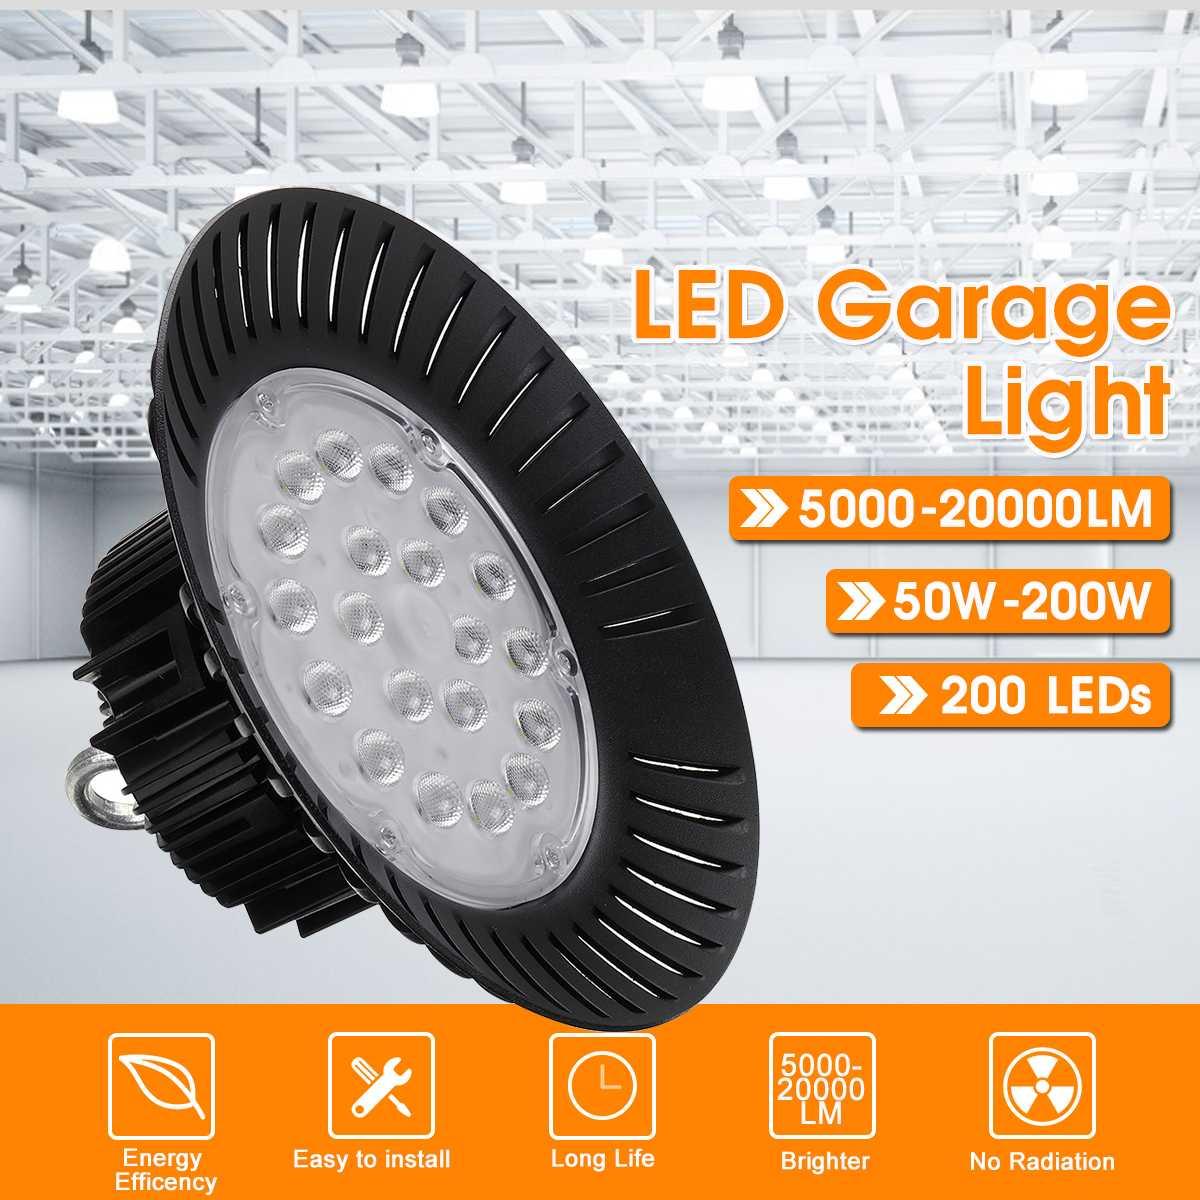 Led alta Bahía luz impermeable IP65 almacén taller garaje Industrial lámpara estadio mercado aeropuerto luz Led para garaje